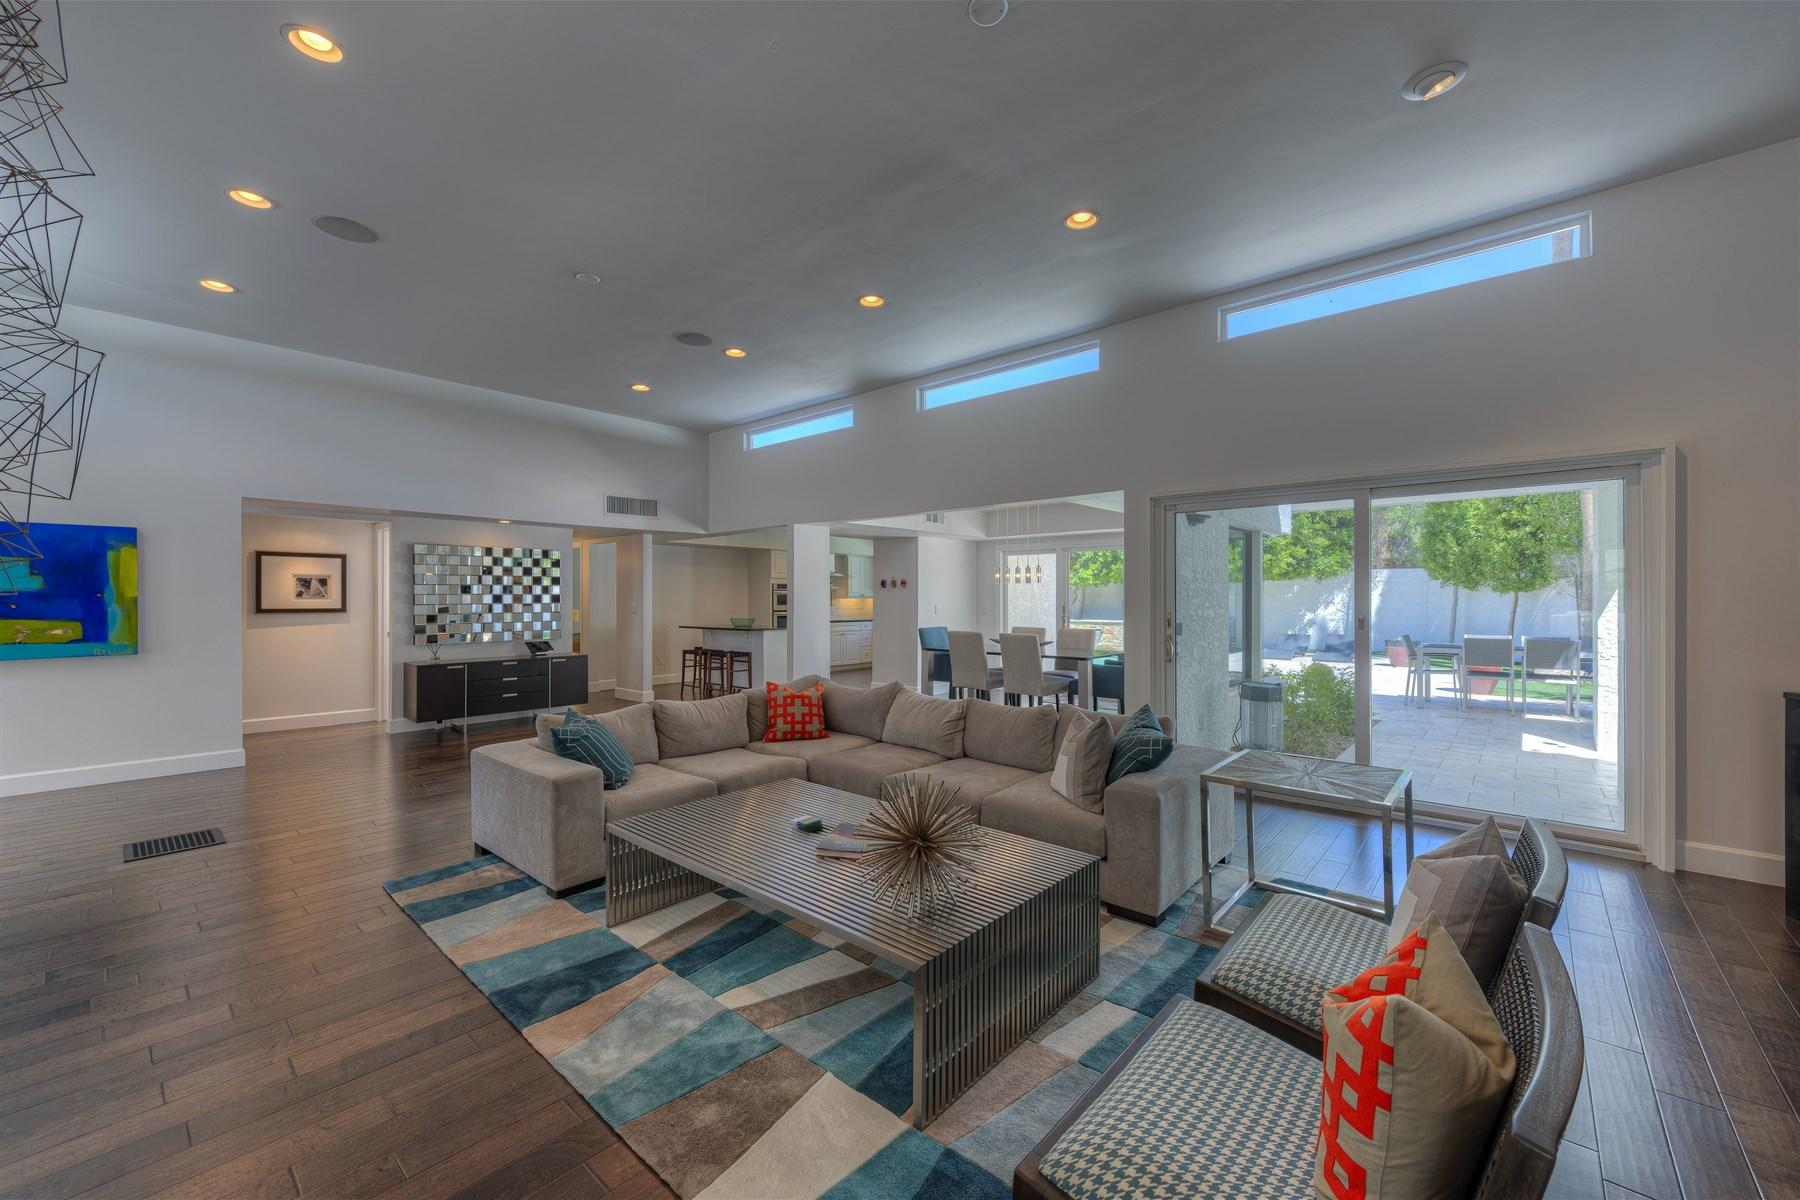 단독 가정 주택 용 매매 에 Beautiful home in McCormick Ranch 9457 N 82nd St Scottsdale, 아리조나 85258 미국